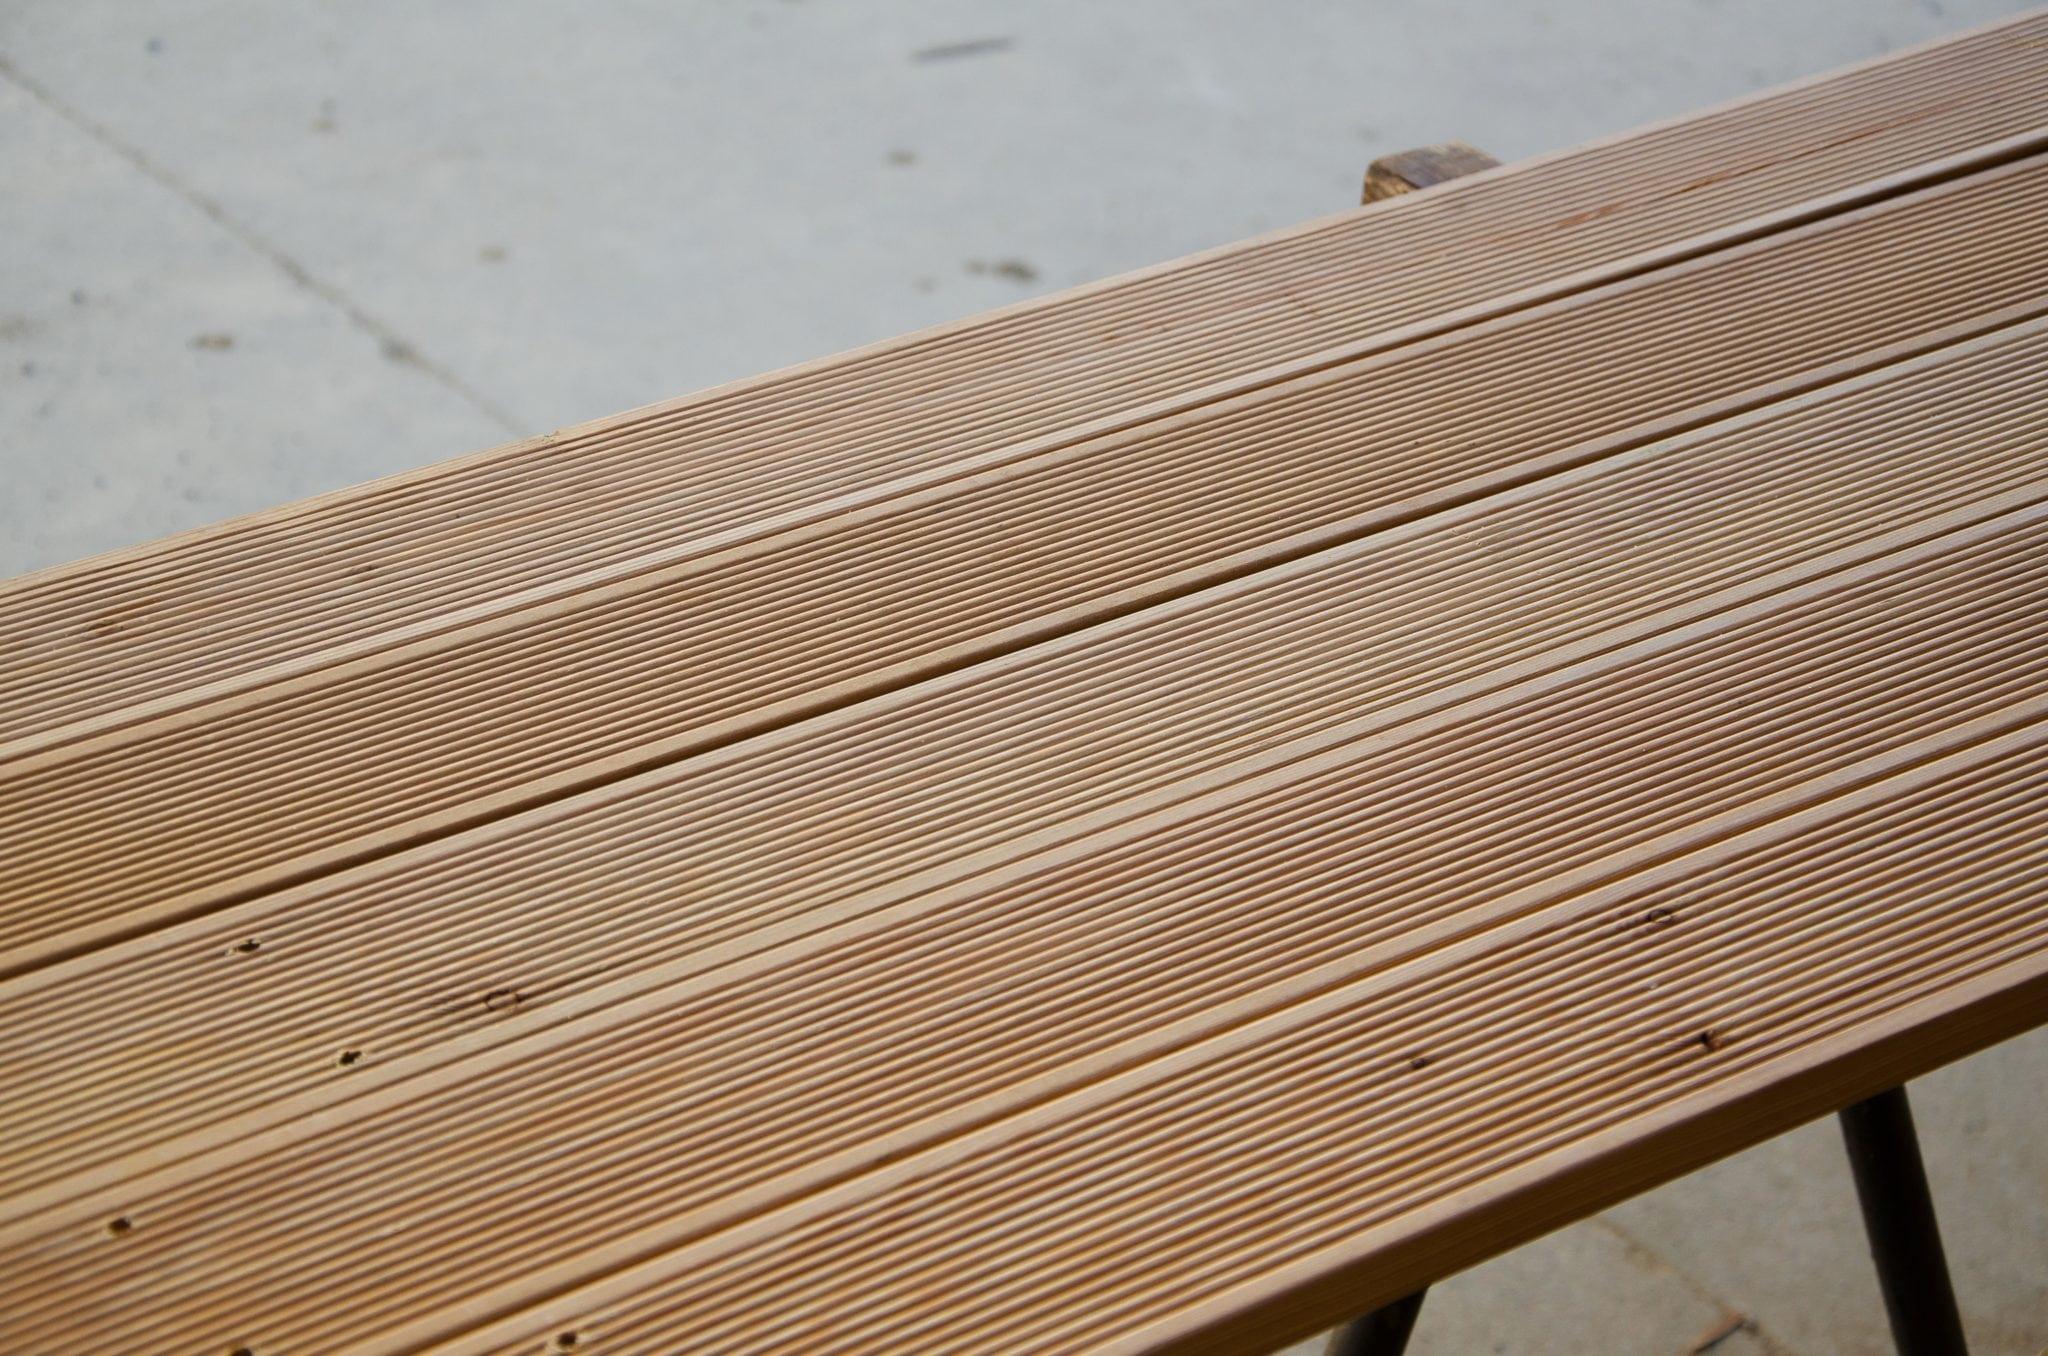 Deck larice siberiano mm 20x90 vela s r l for Pavimento esterno antiscivolo